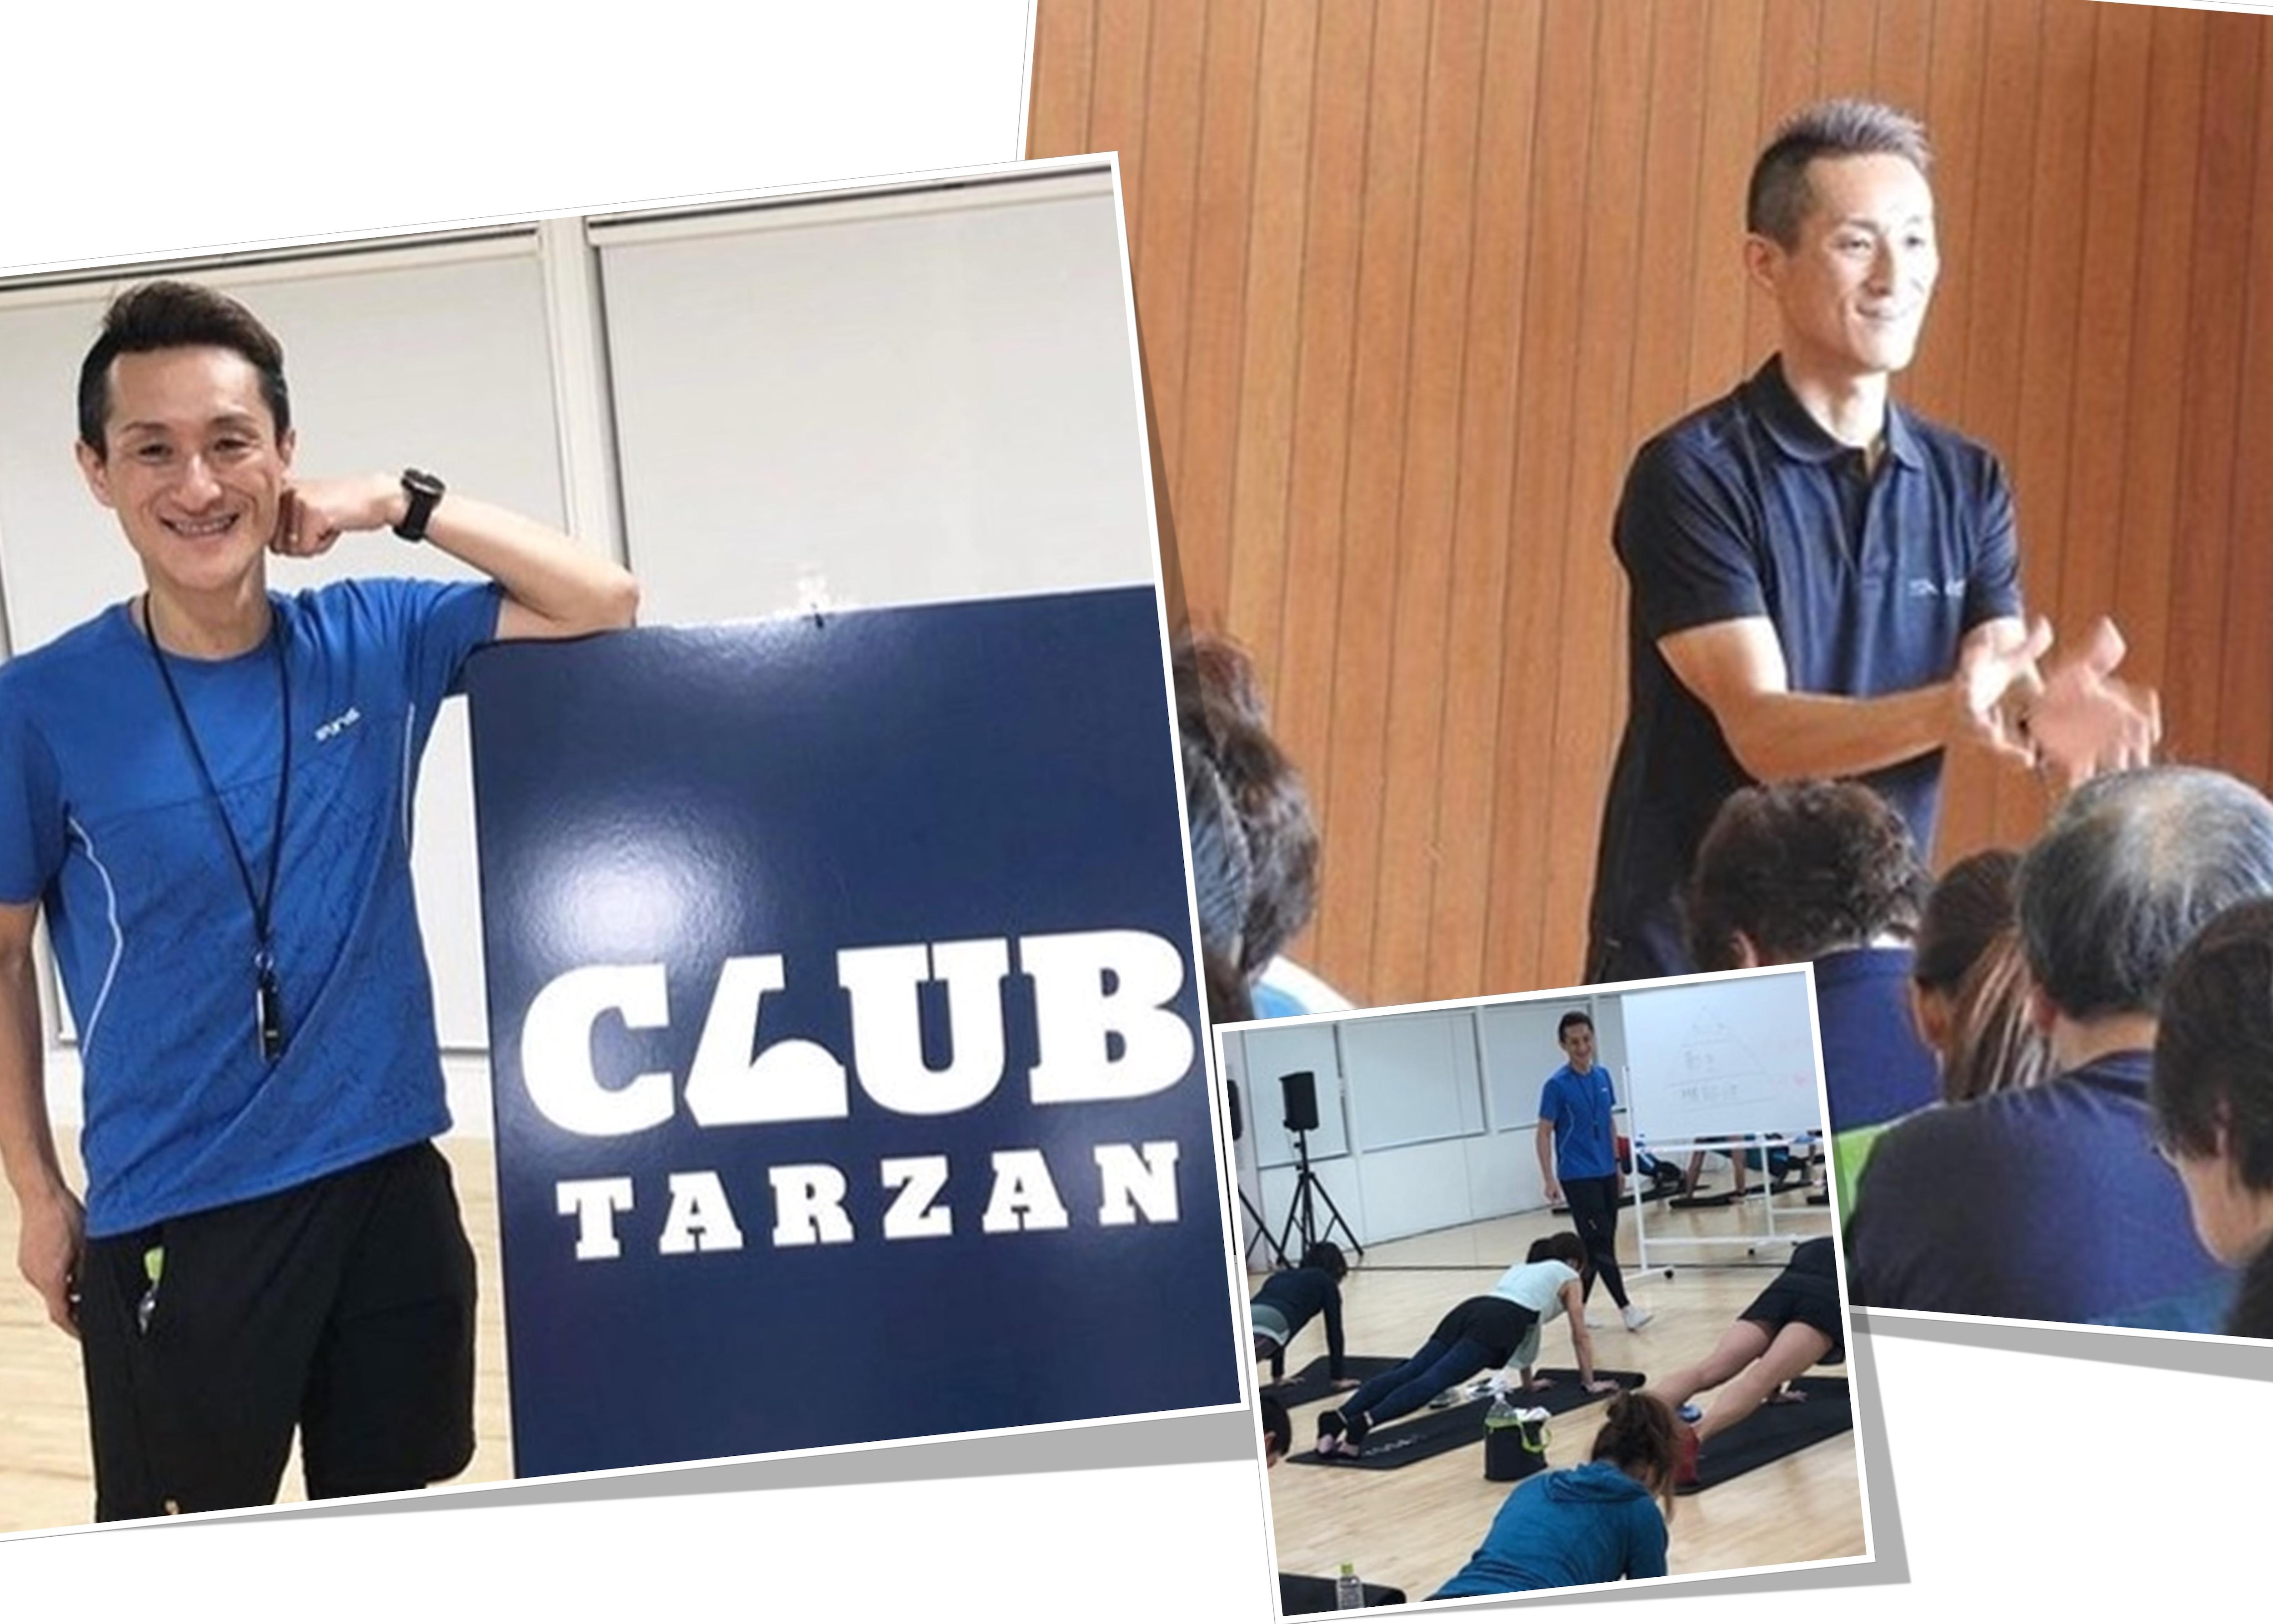 Tarzanでお馴染みウェルネスコーチ/パーソナルトレーナーくにらぼ齊藤邦秀【港区青山・オンライン】